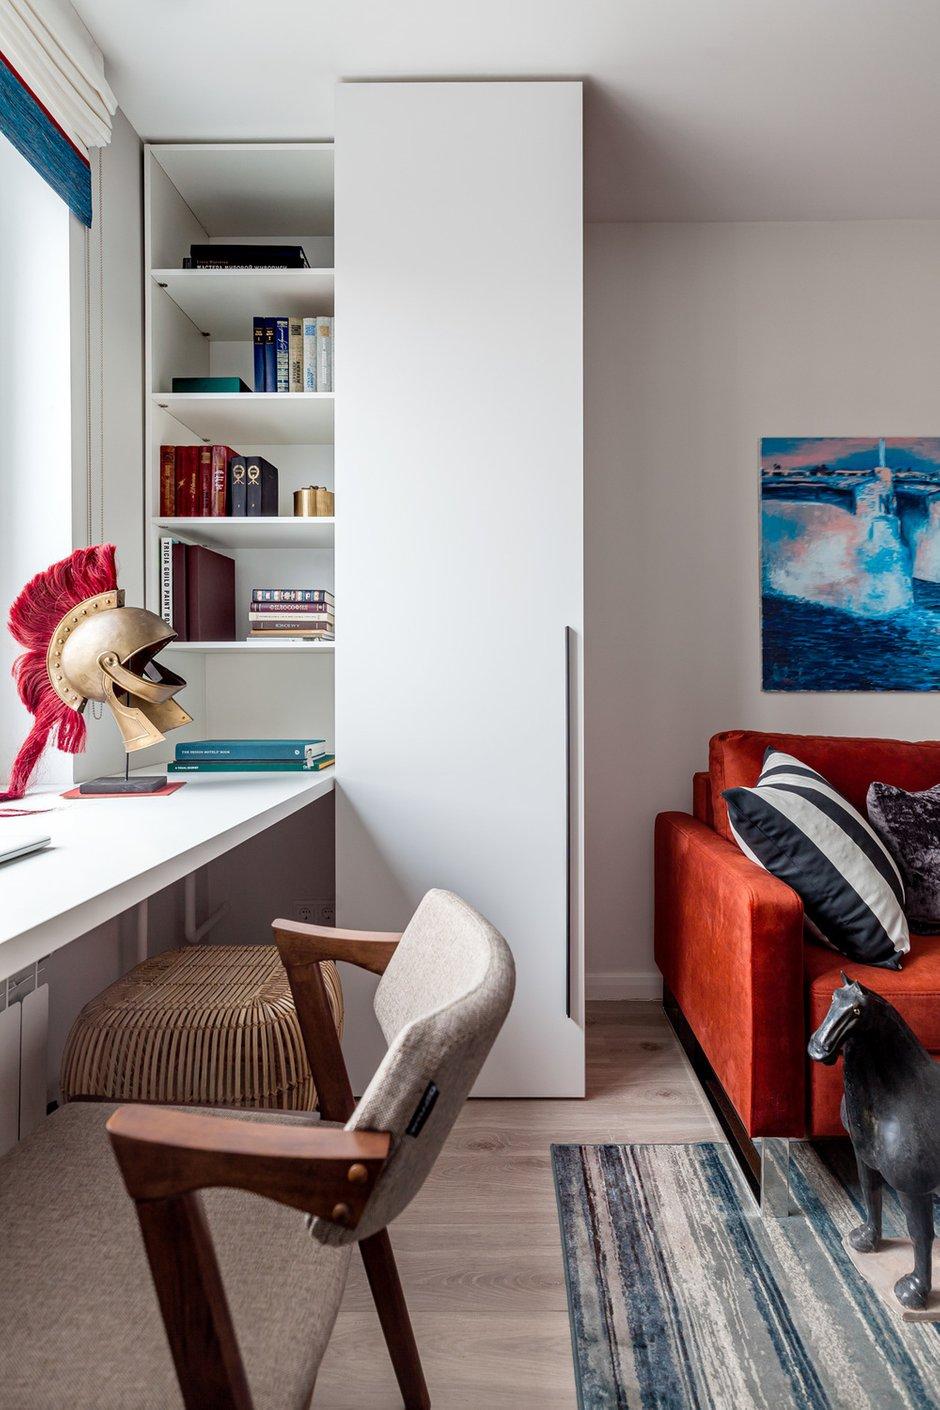 Фотография: Гостиная в стиле Современный, Квартира, Проект недели, Москва, 2 комнаты, 40-60 метров, Юлия Беляева, YU design, Юлия Галкина – фото на INMYROOM